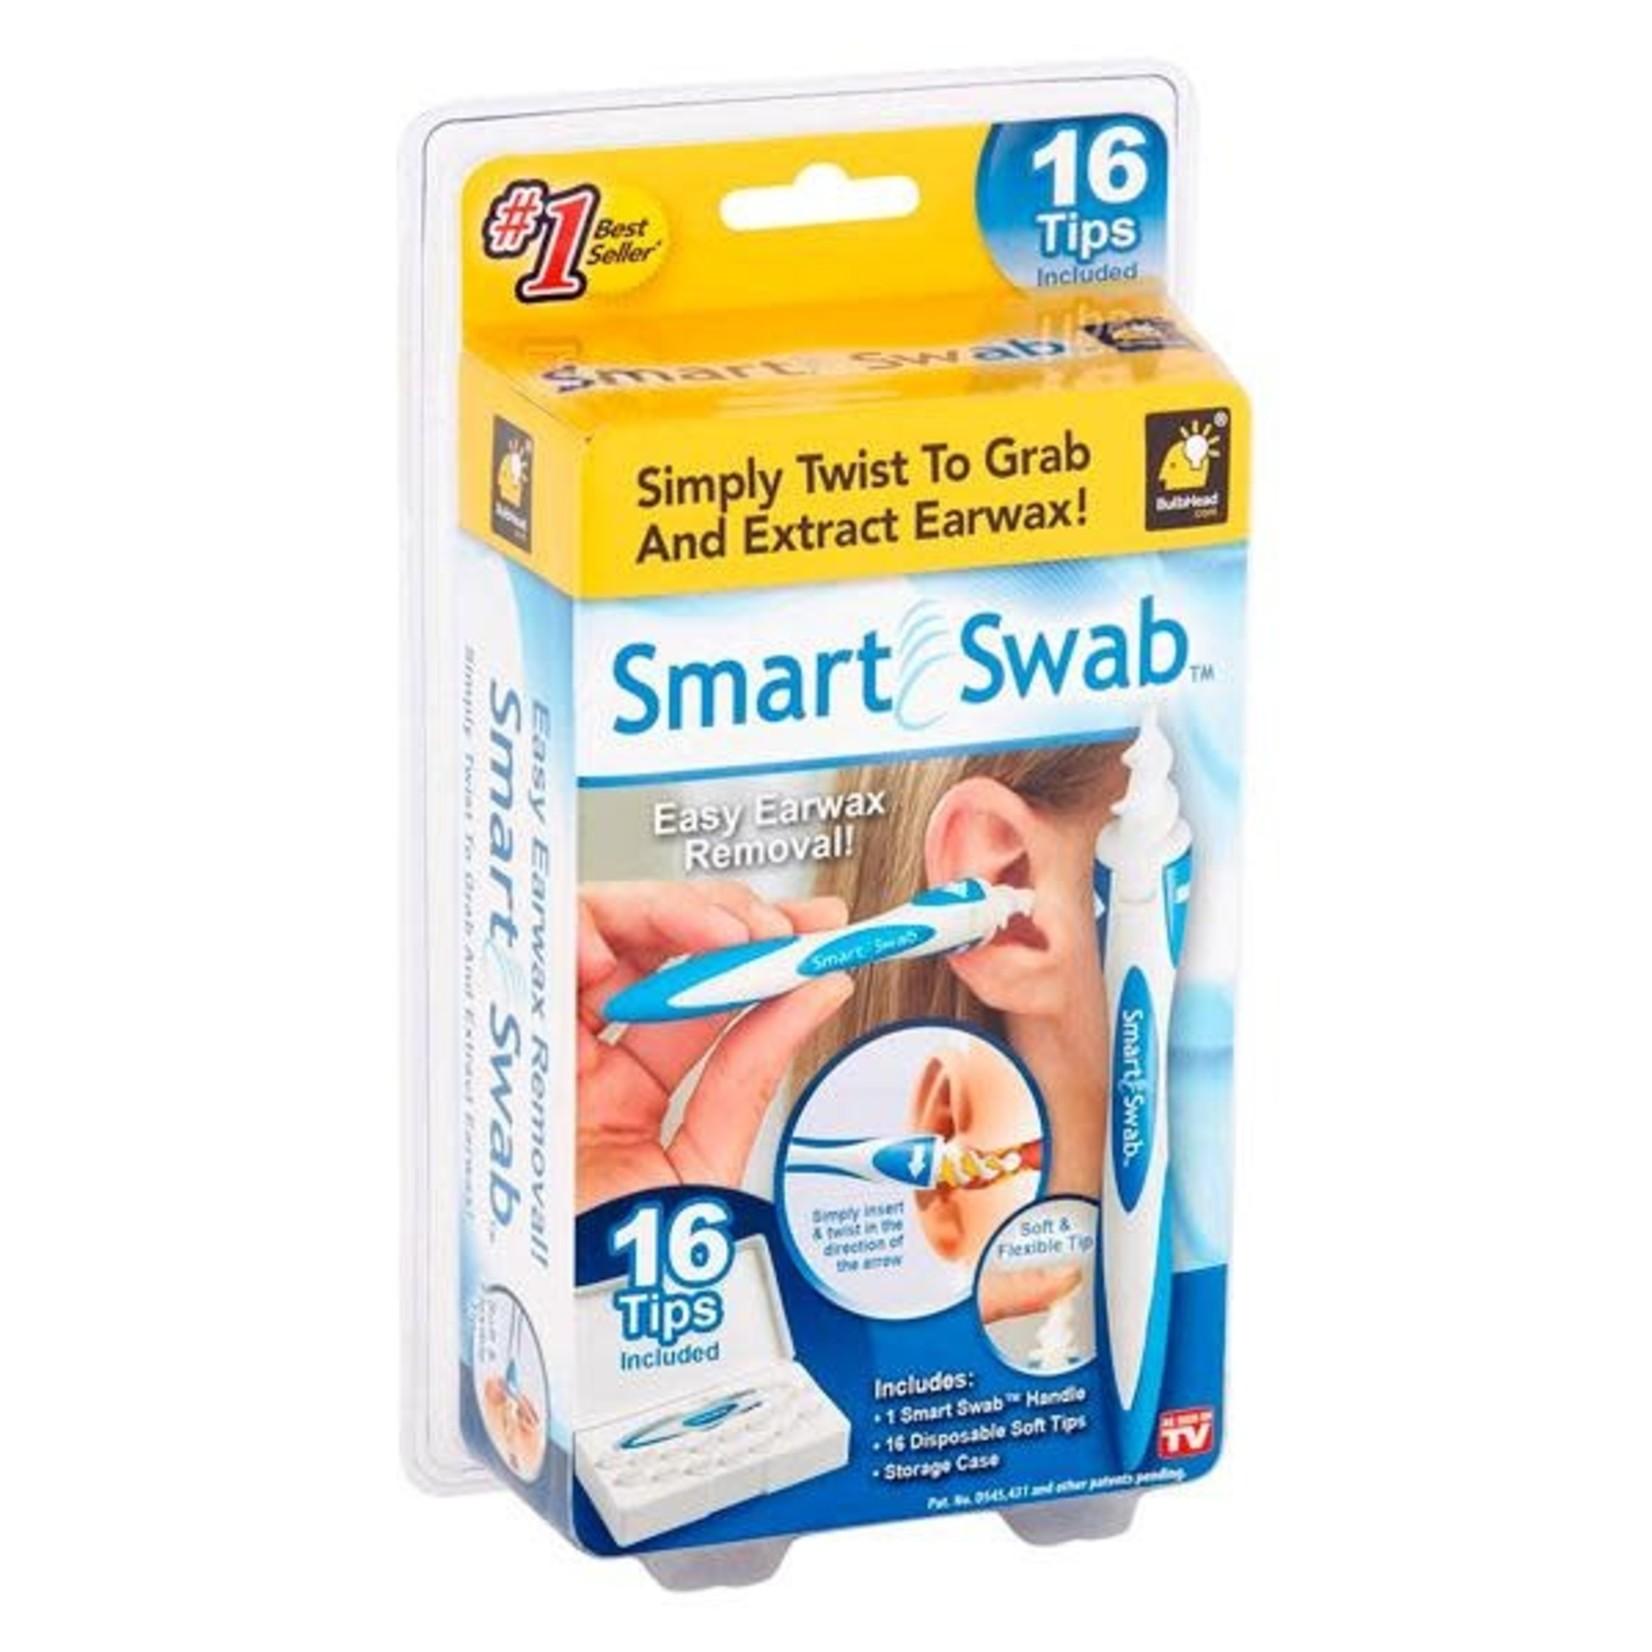 Smart Swab Ear Wax Cleaner